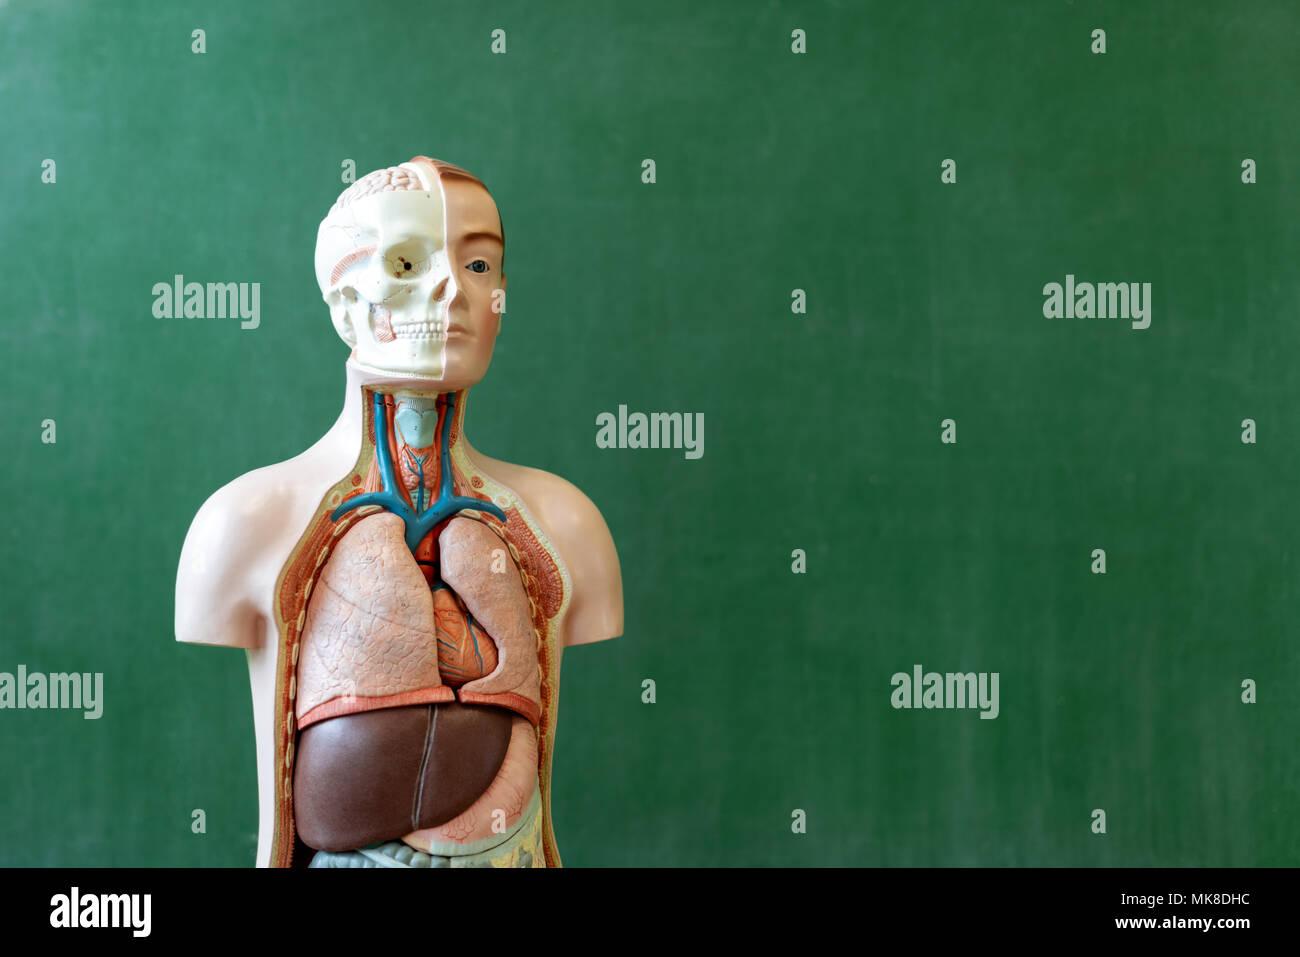 Künstliche menschliche Körper Modell. Biologie Klasse. Anatomie ...